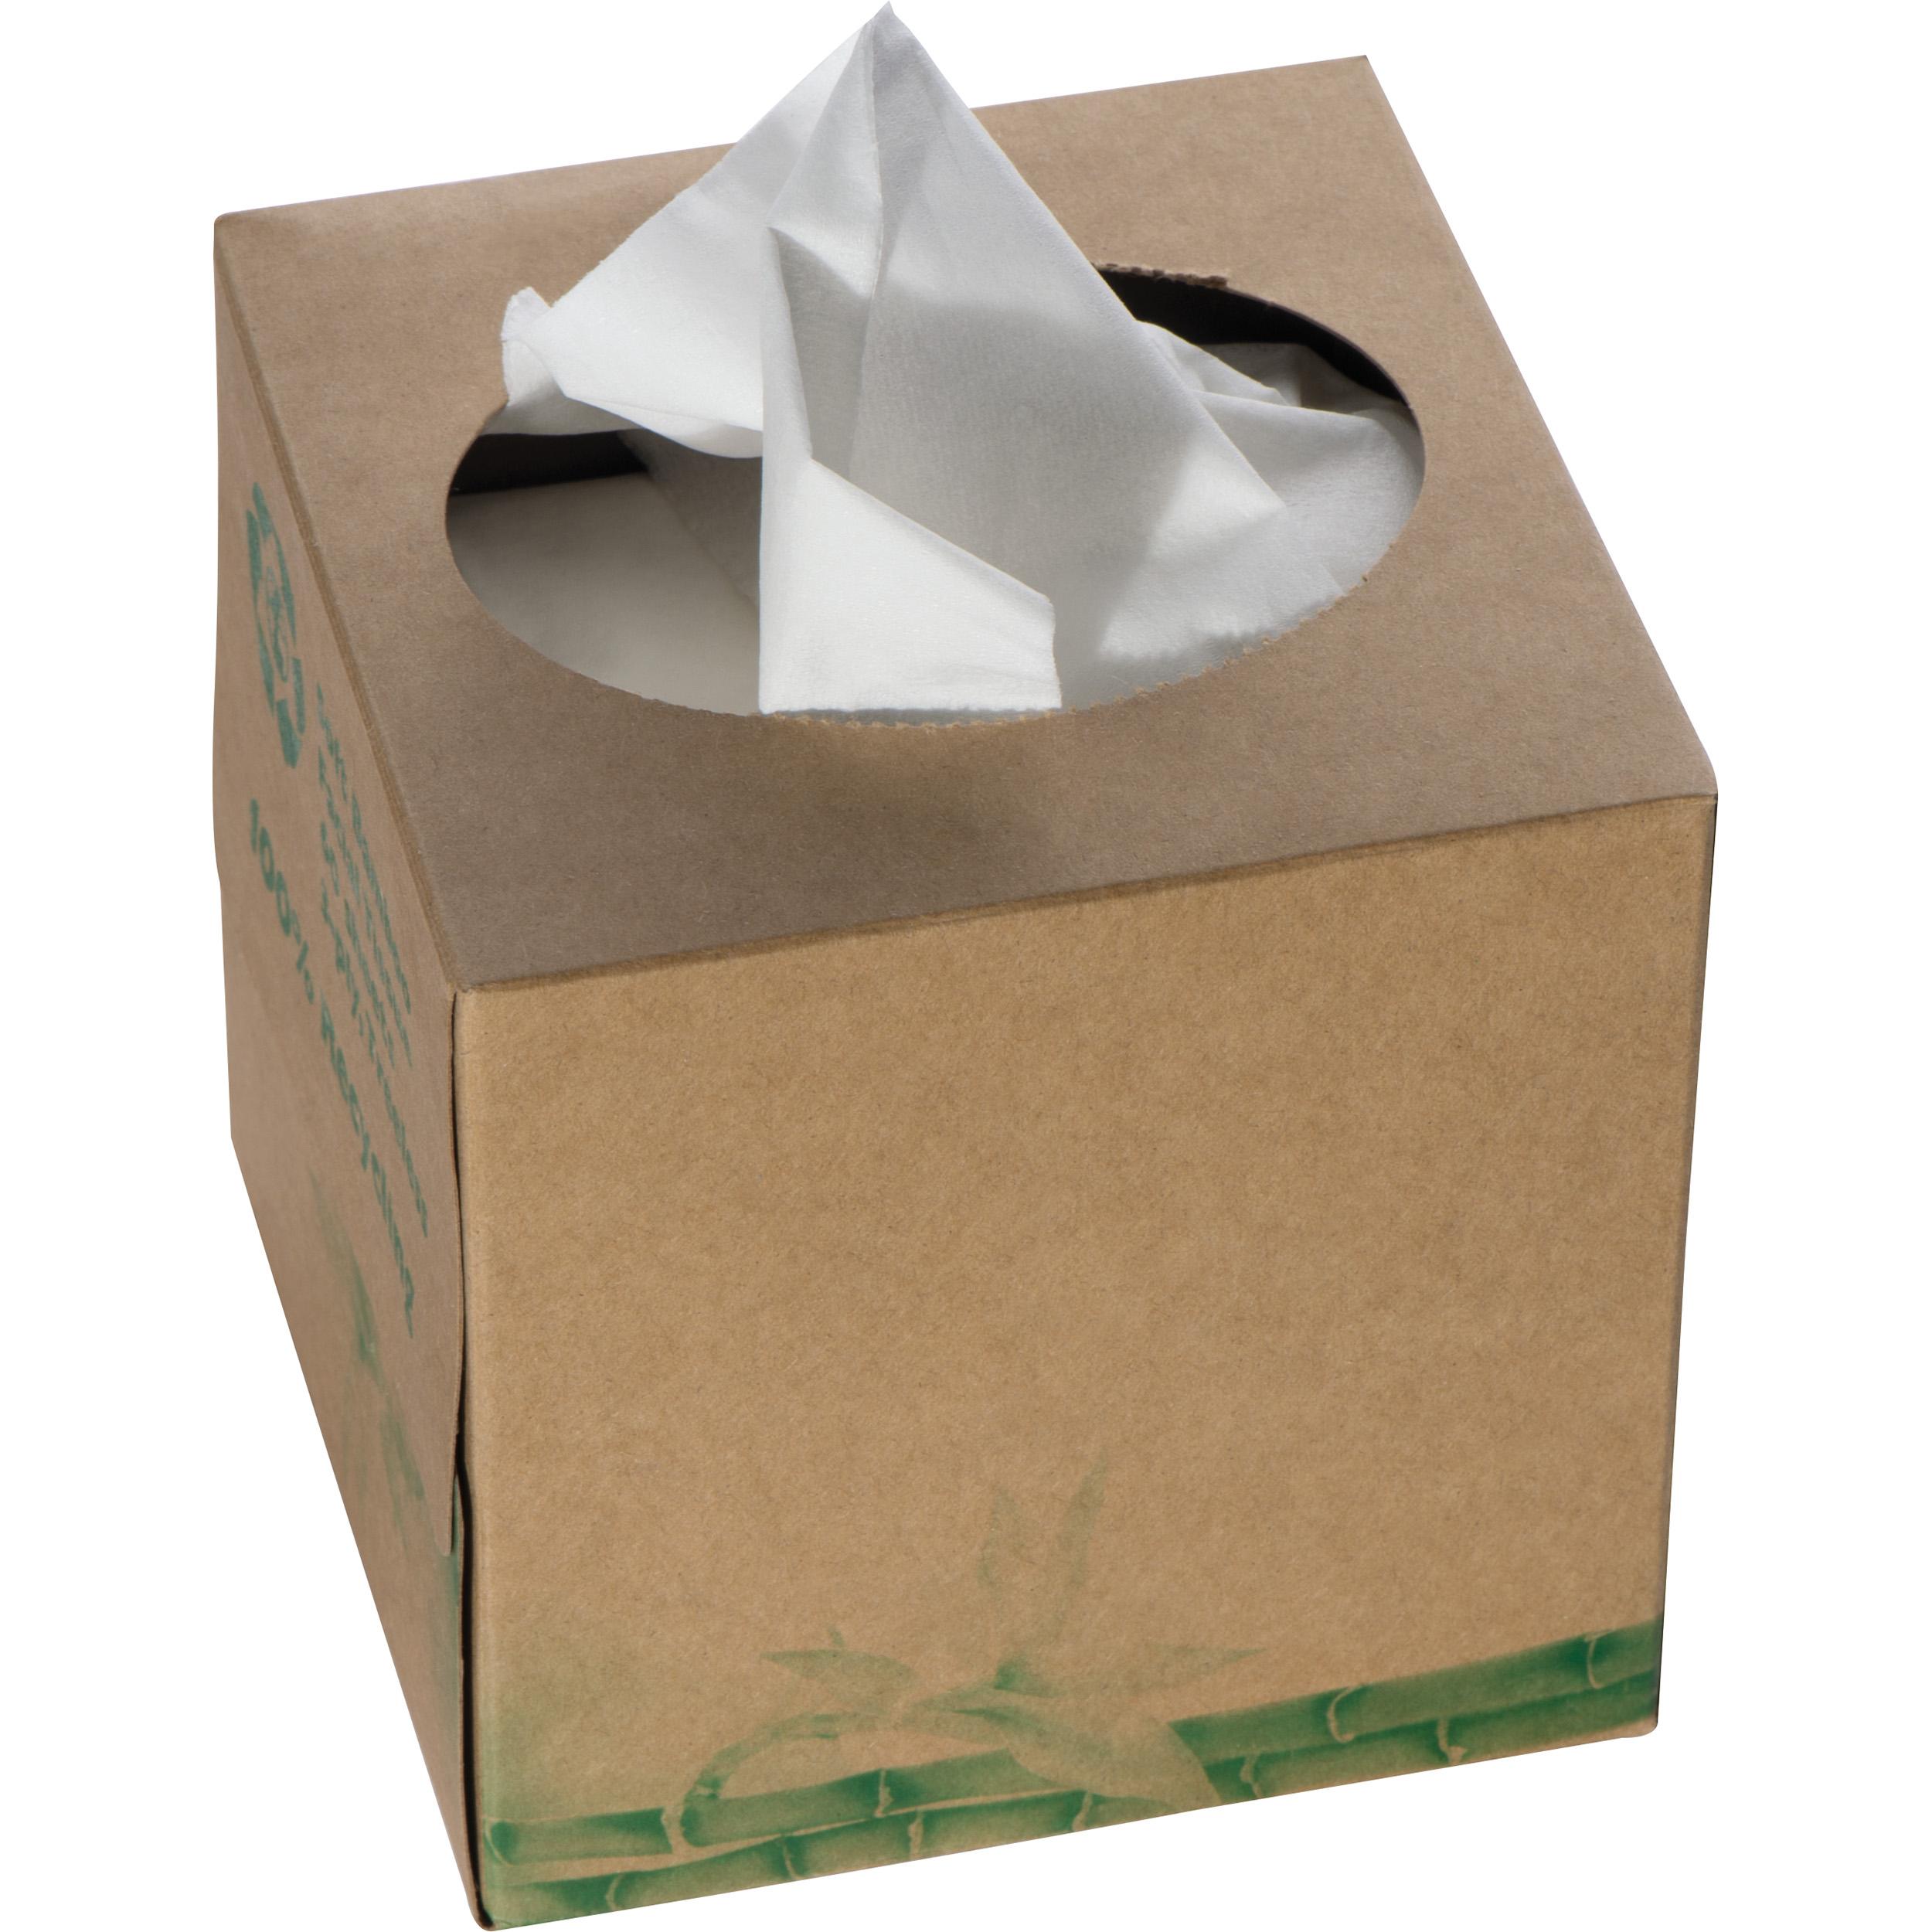 Taschentuchbox aus Bambus, 3-lagig